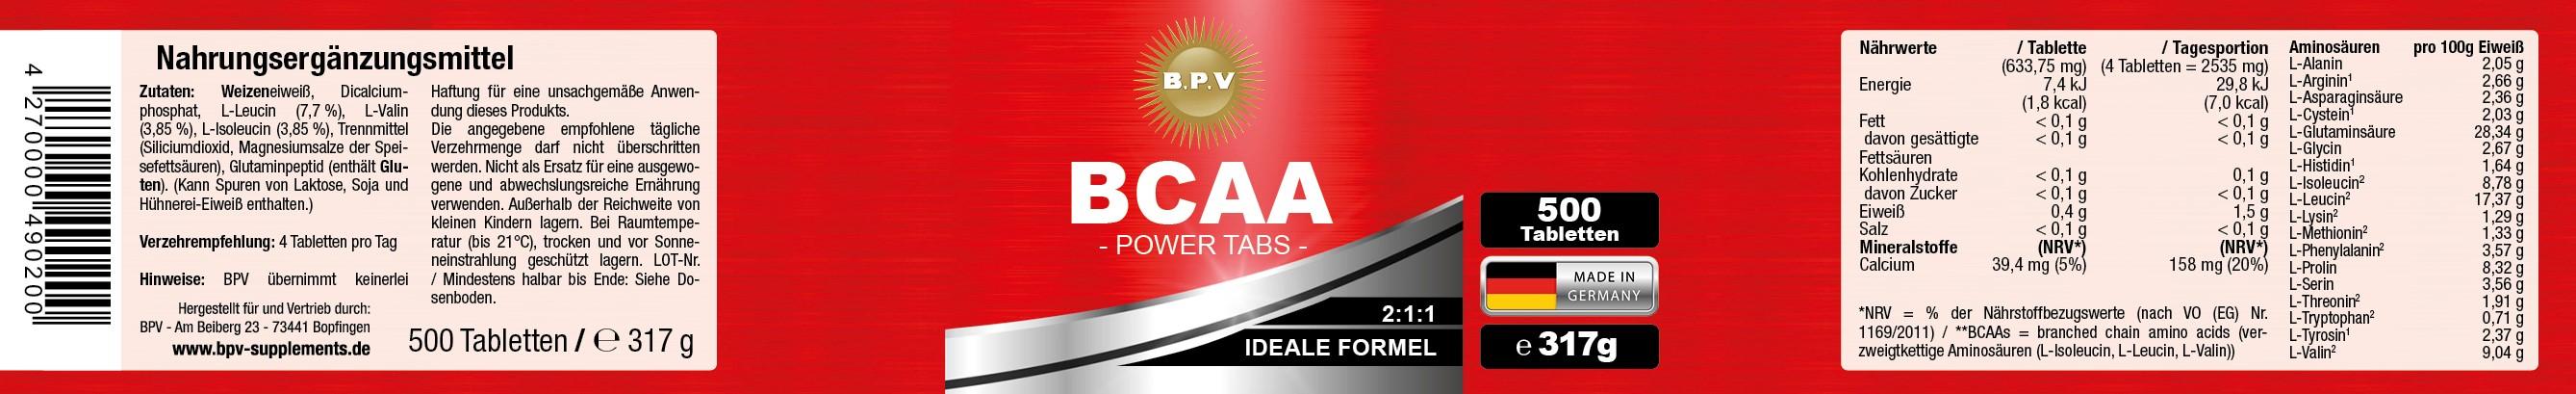 ANSICHT_BCAA-Tabletten_750ml-Dose_500Stuck